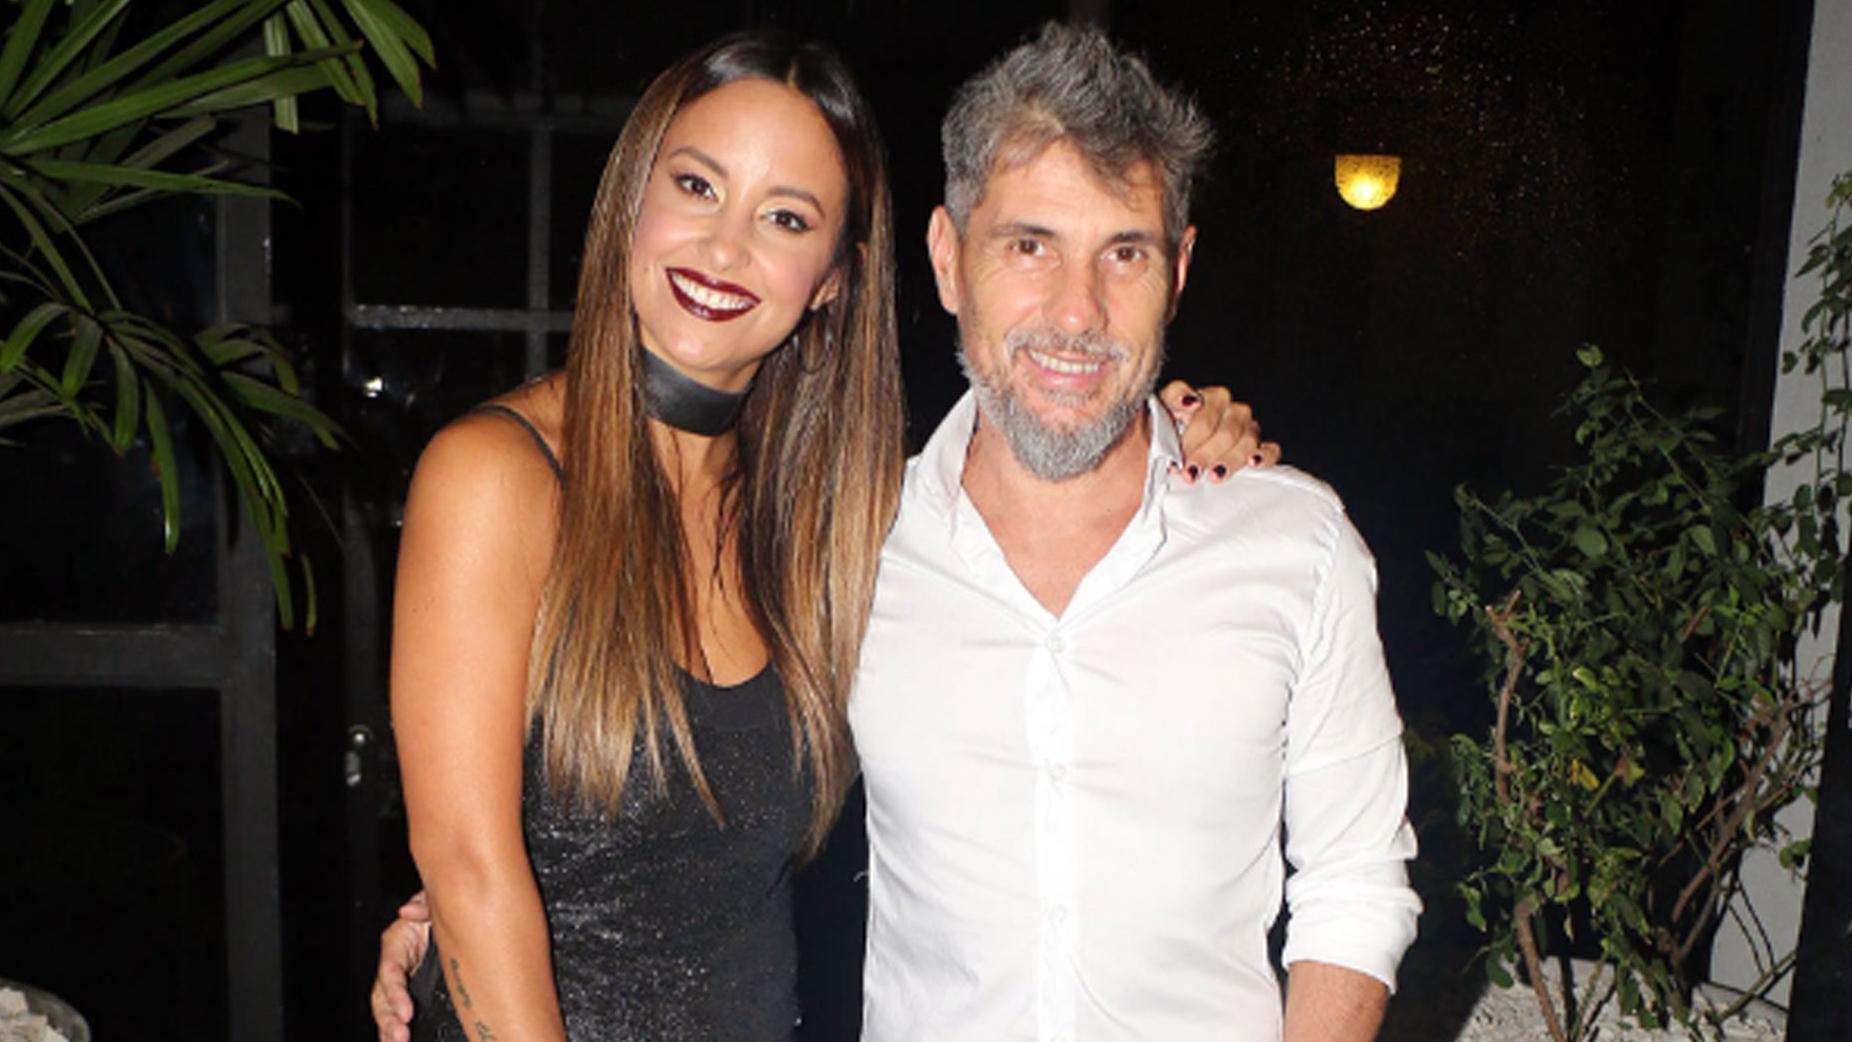 Lourdes Sánchez y Chato Prada